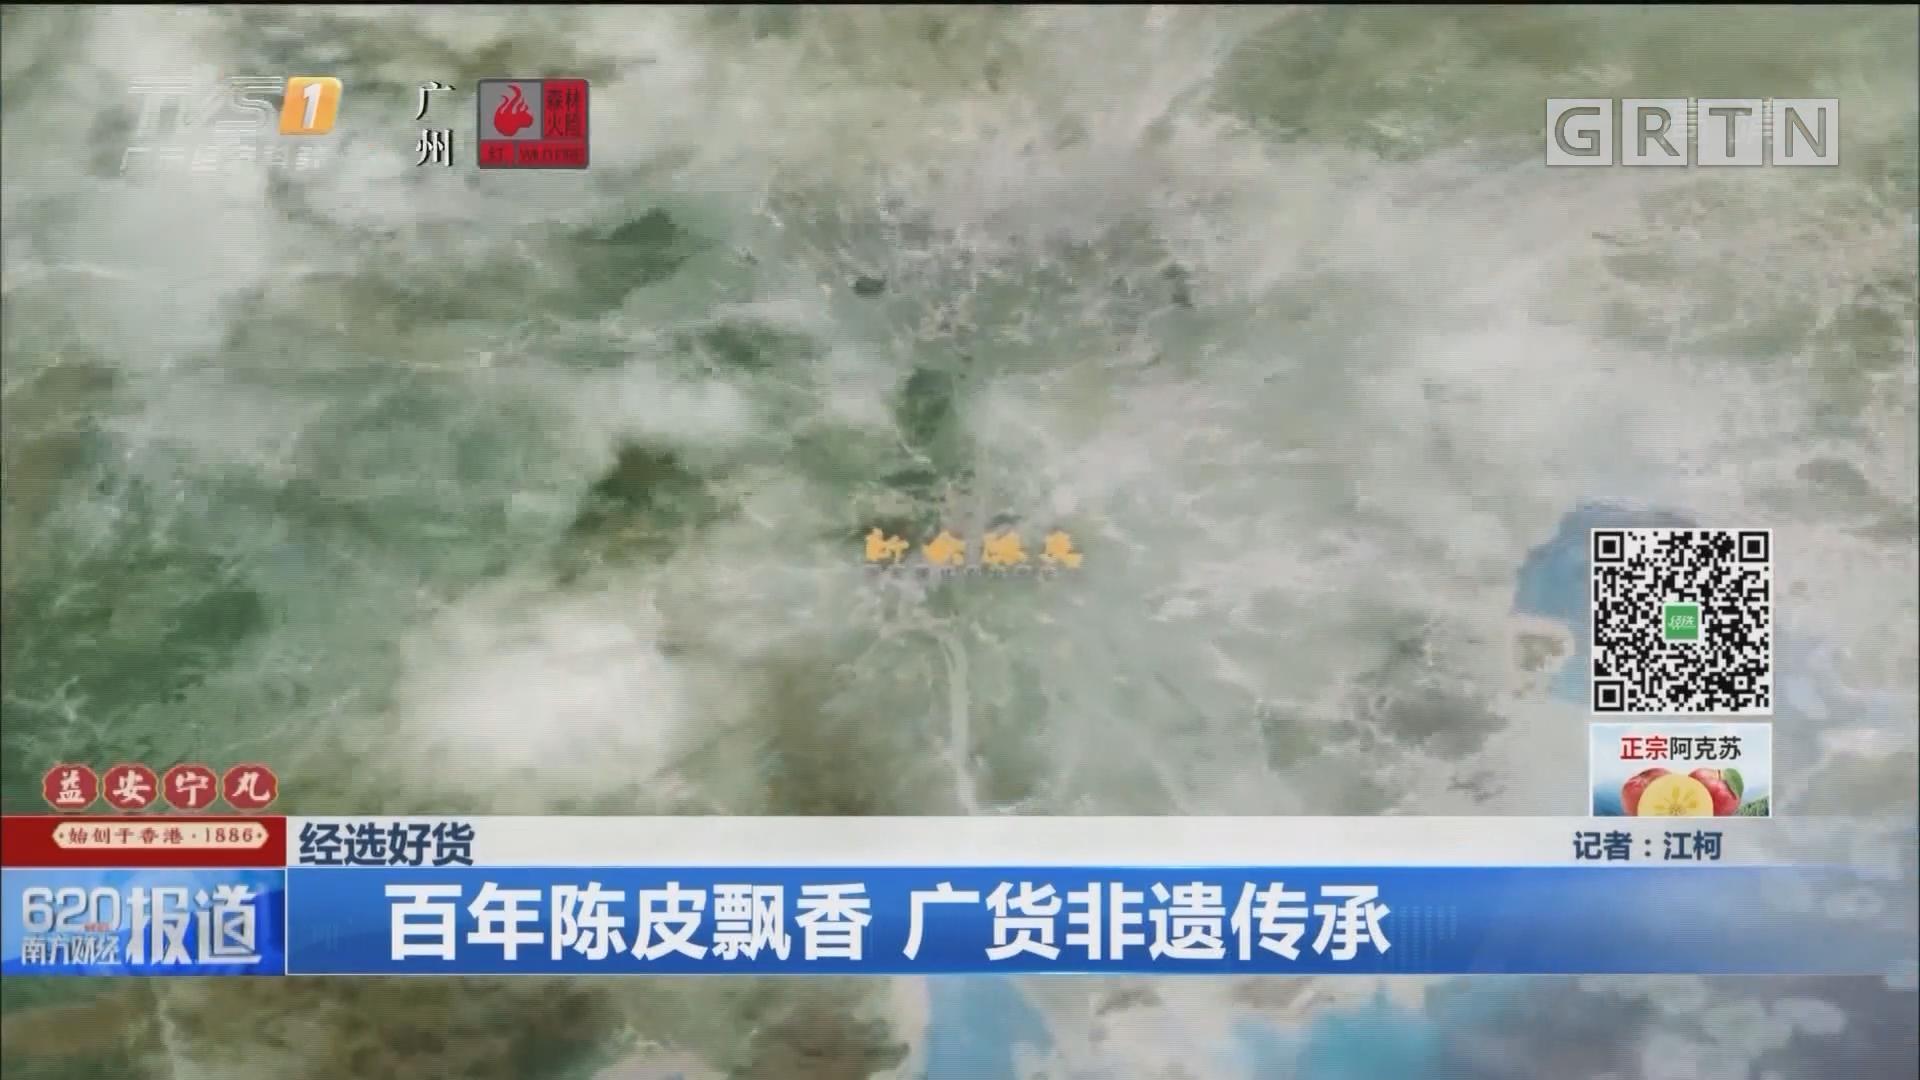 經選好貨:百年陳皮飄香 廣貨非遺傳承